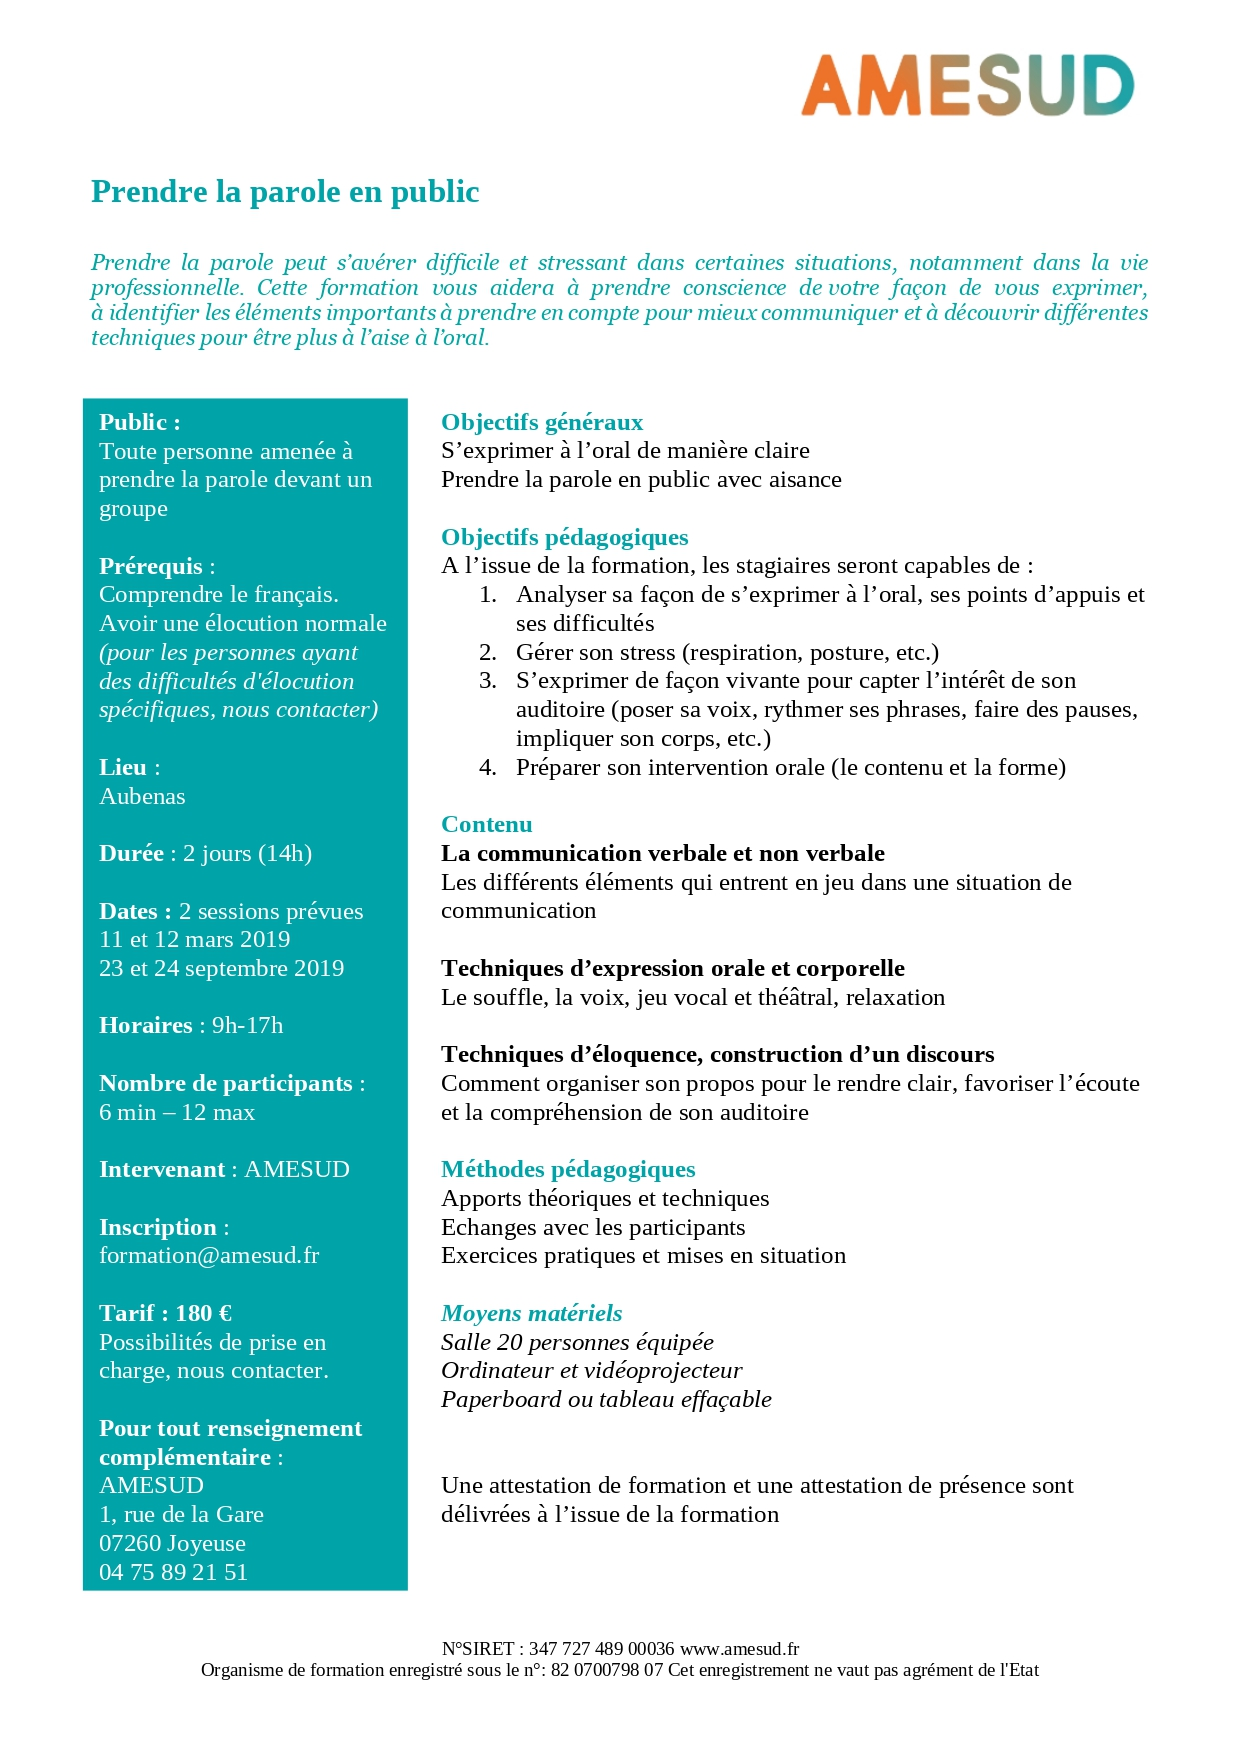 OF – Formation tous public - Prendre la parole en public - 23 & 24 sept 2019 - 2 jours - Aubenas - 360€ @ Aubenas | Joyeuse | Auvergne-Rhône-Alpes | France